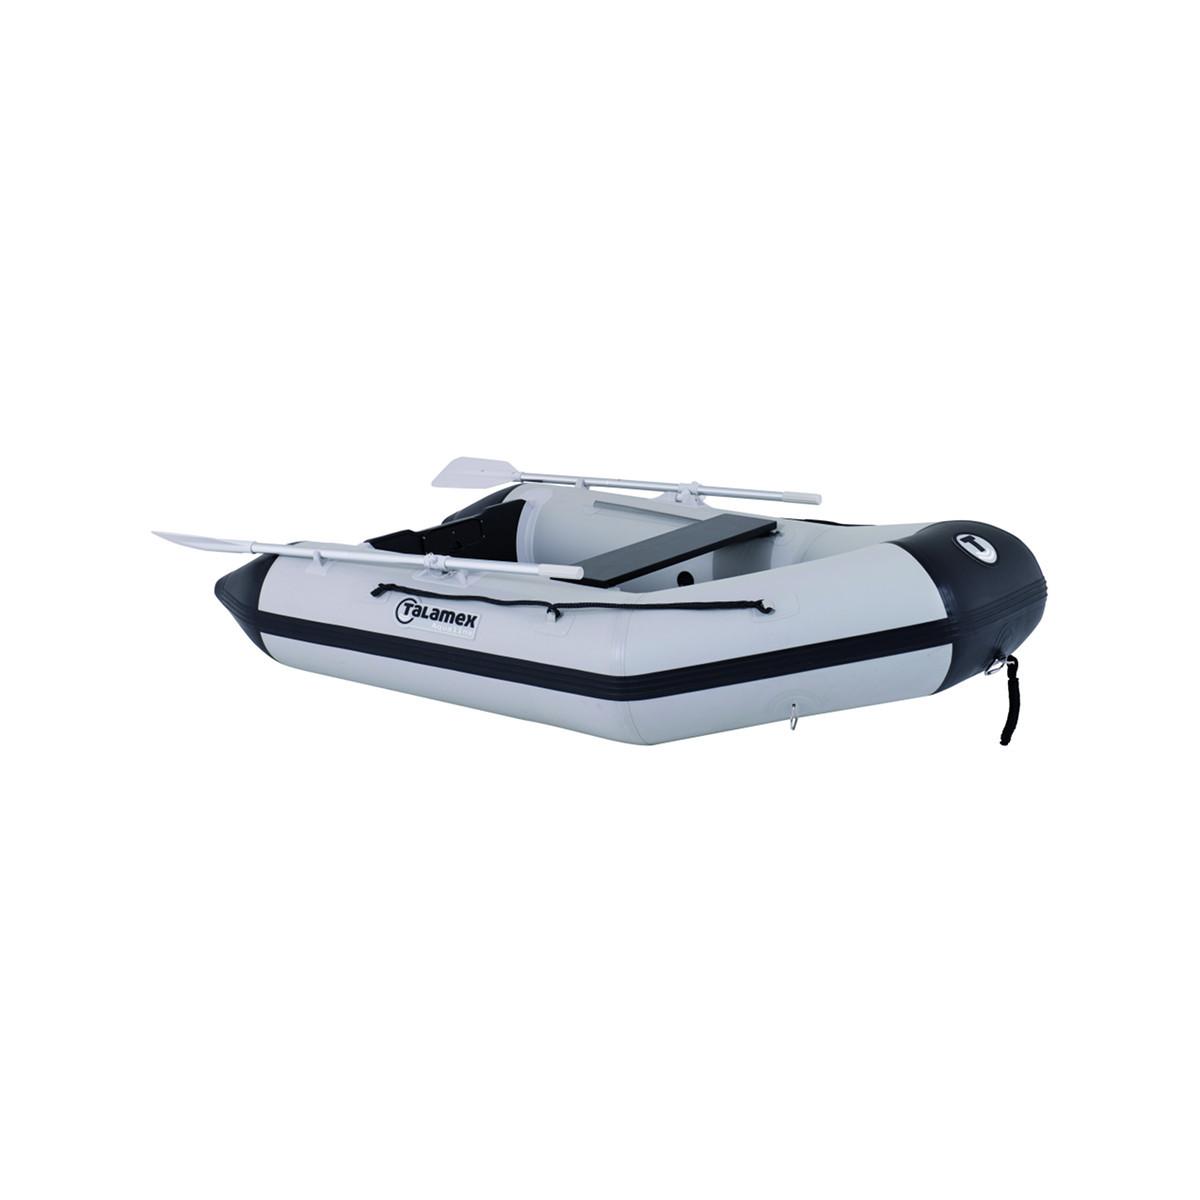 Talamex Aqualine QLX250 opblaasbare rubberboot met aluminium bodem, lengte 2,50m, lengte 2,50m, grijs